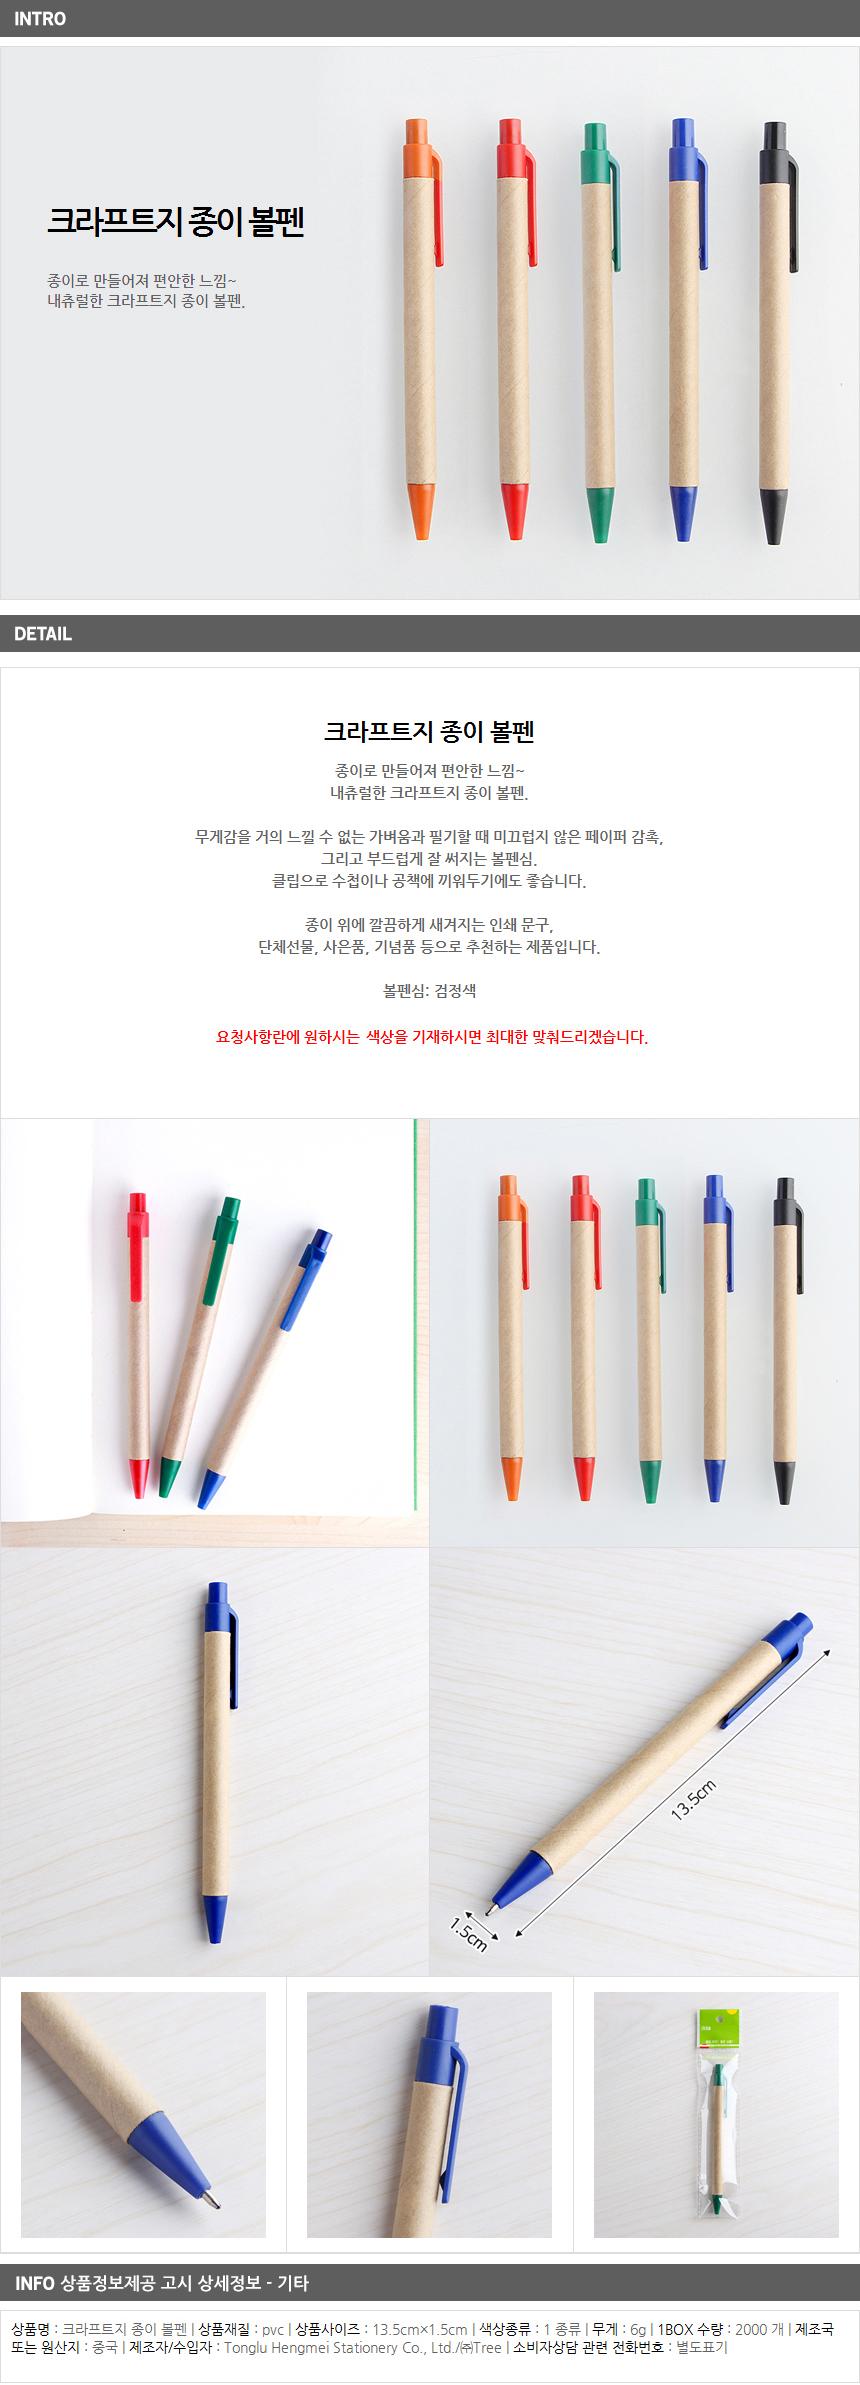 크라프트지 종이 볼펜/학원 홍보판촉용 검정 볼펜 - 기프트갓, 600원, 볼펜, 심플 볼펜